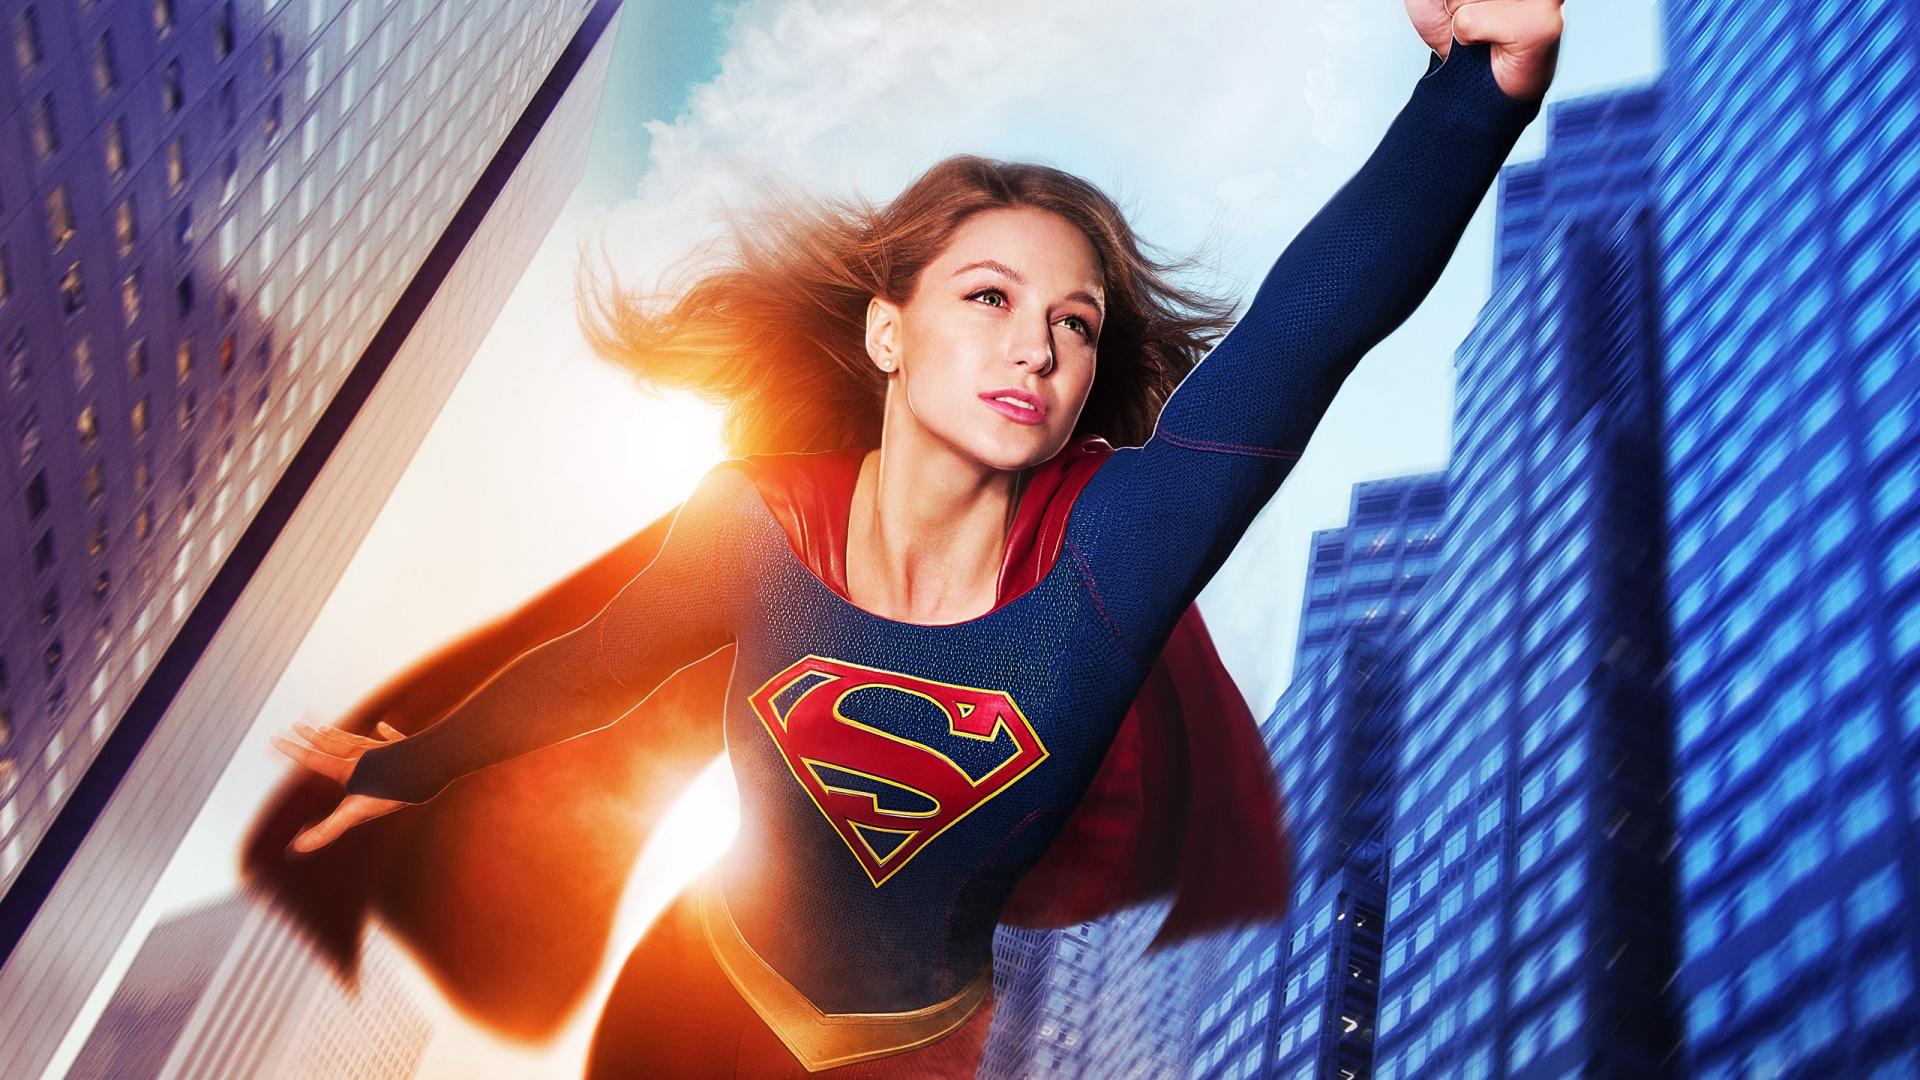 supergirl-tv-show-hd-wallpaper